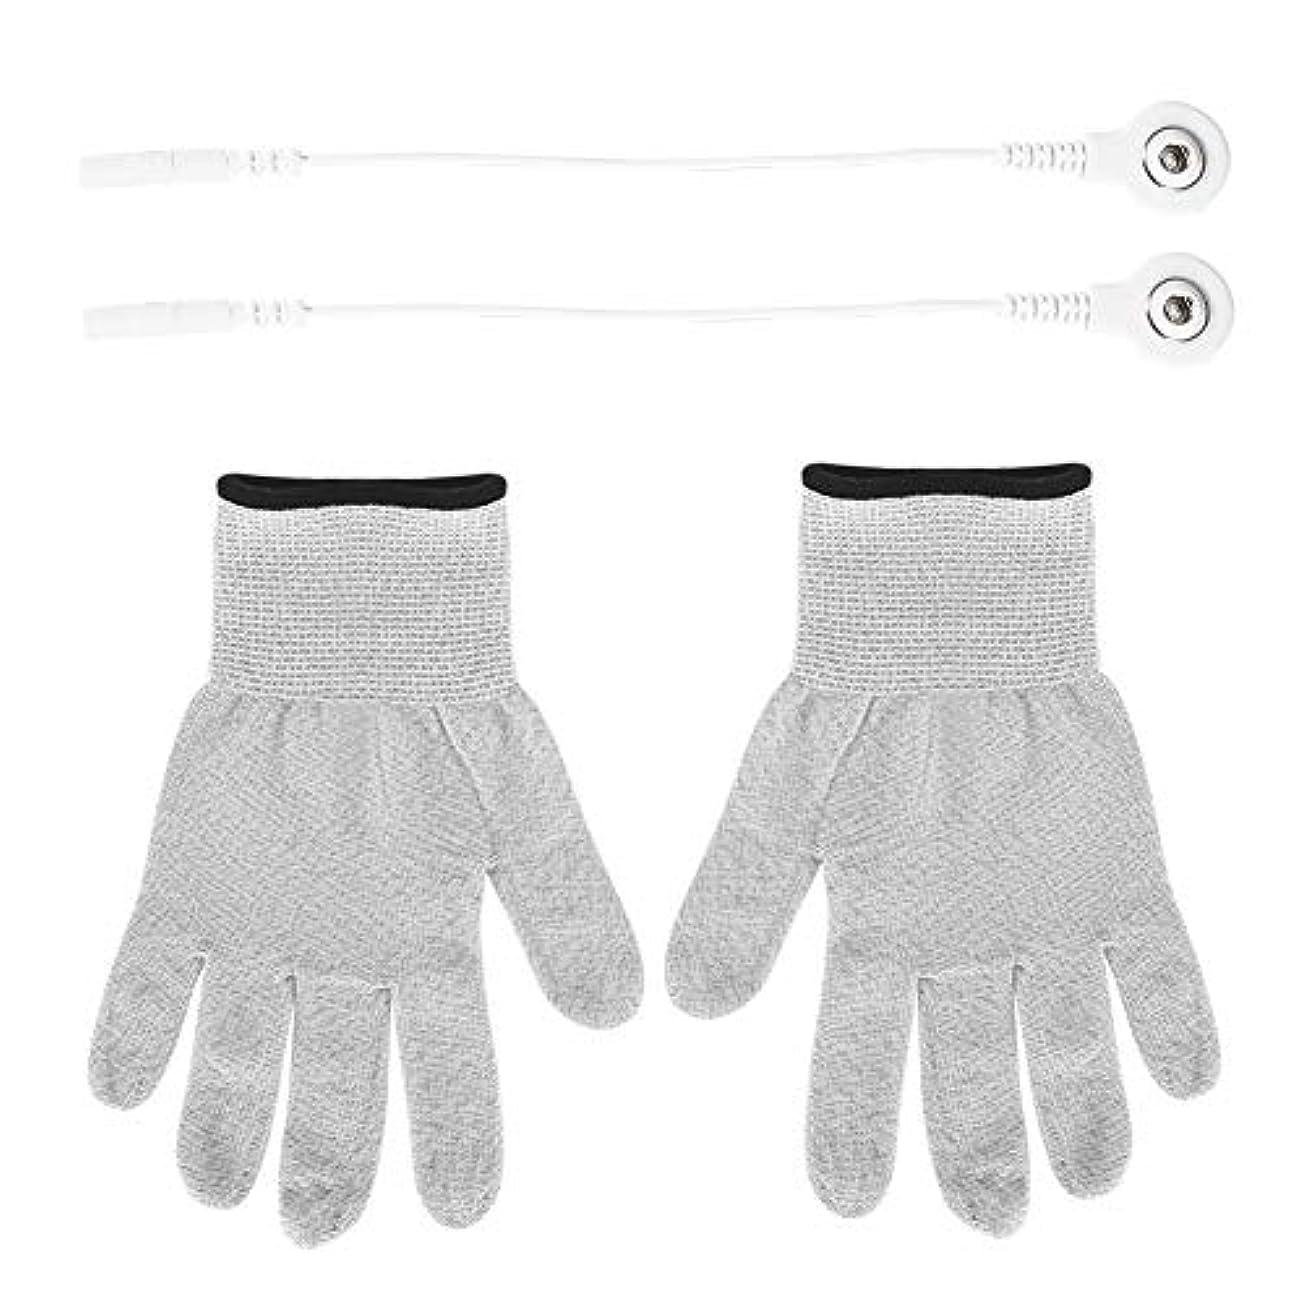 なかなかイースター隔離電極手袋、1対の導電性繊維電極手袋、アダプター電極付き電気ショックファイバー用リード線